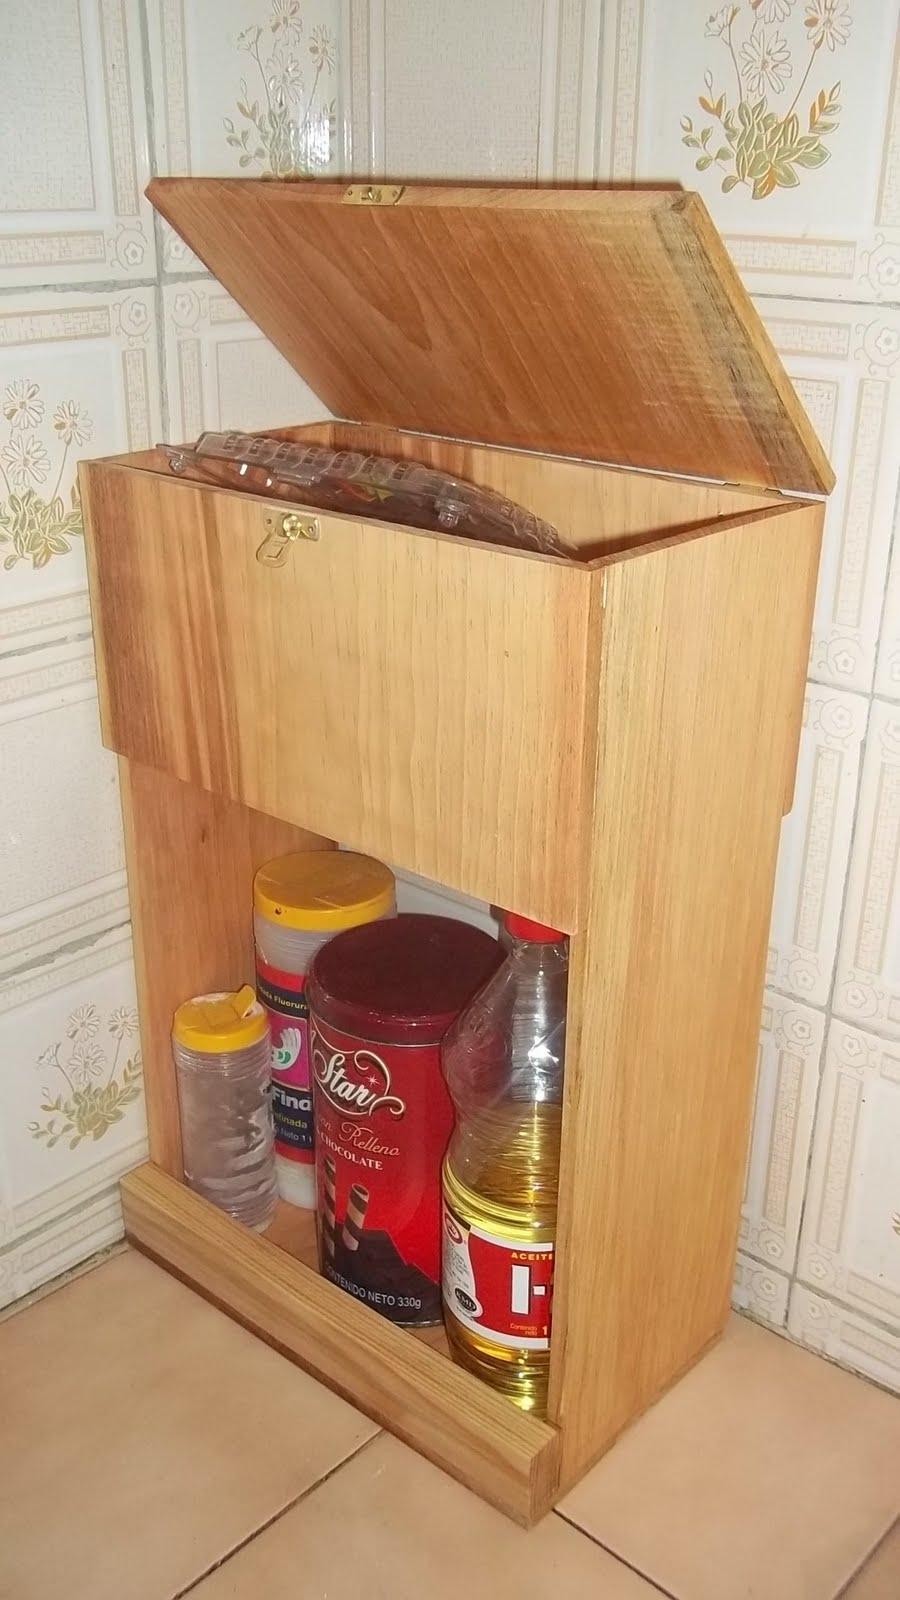 Frankorona 39 s workshop mueble para cocina for Mueble cocina 70